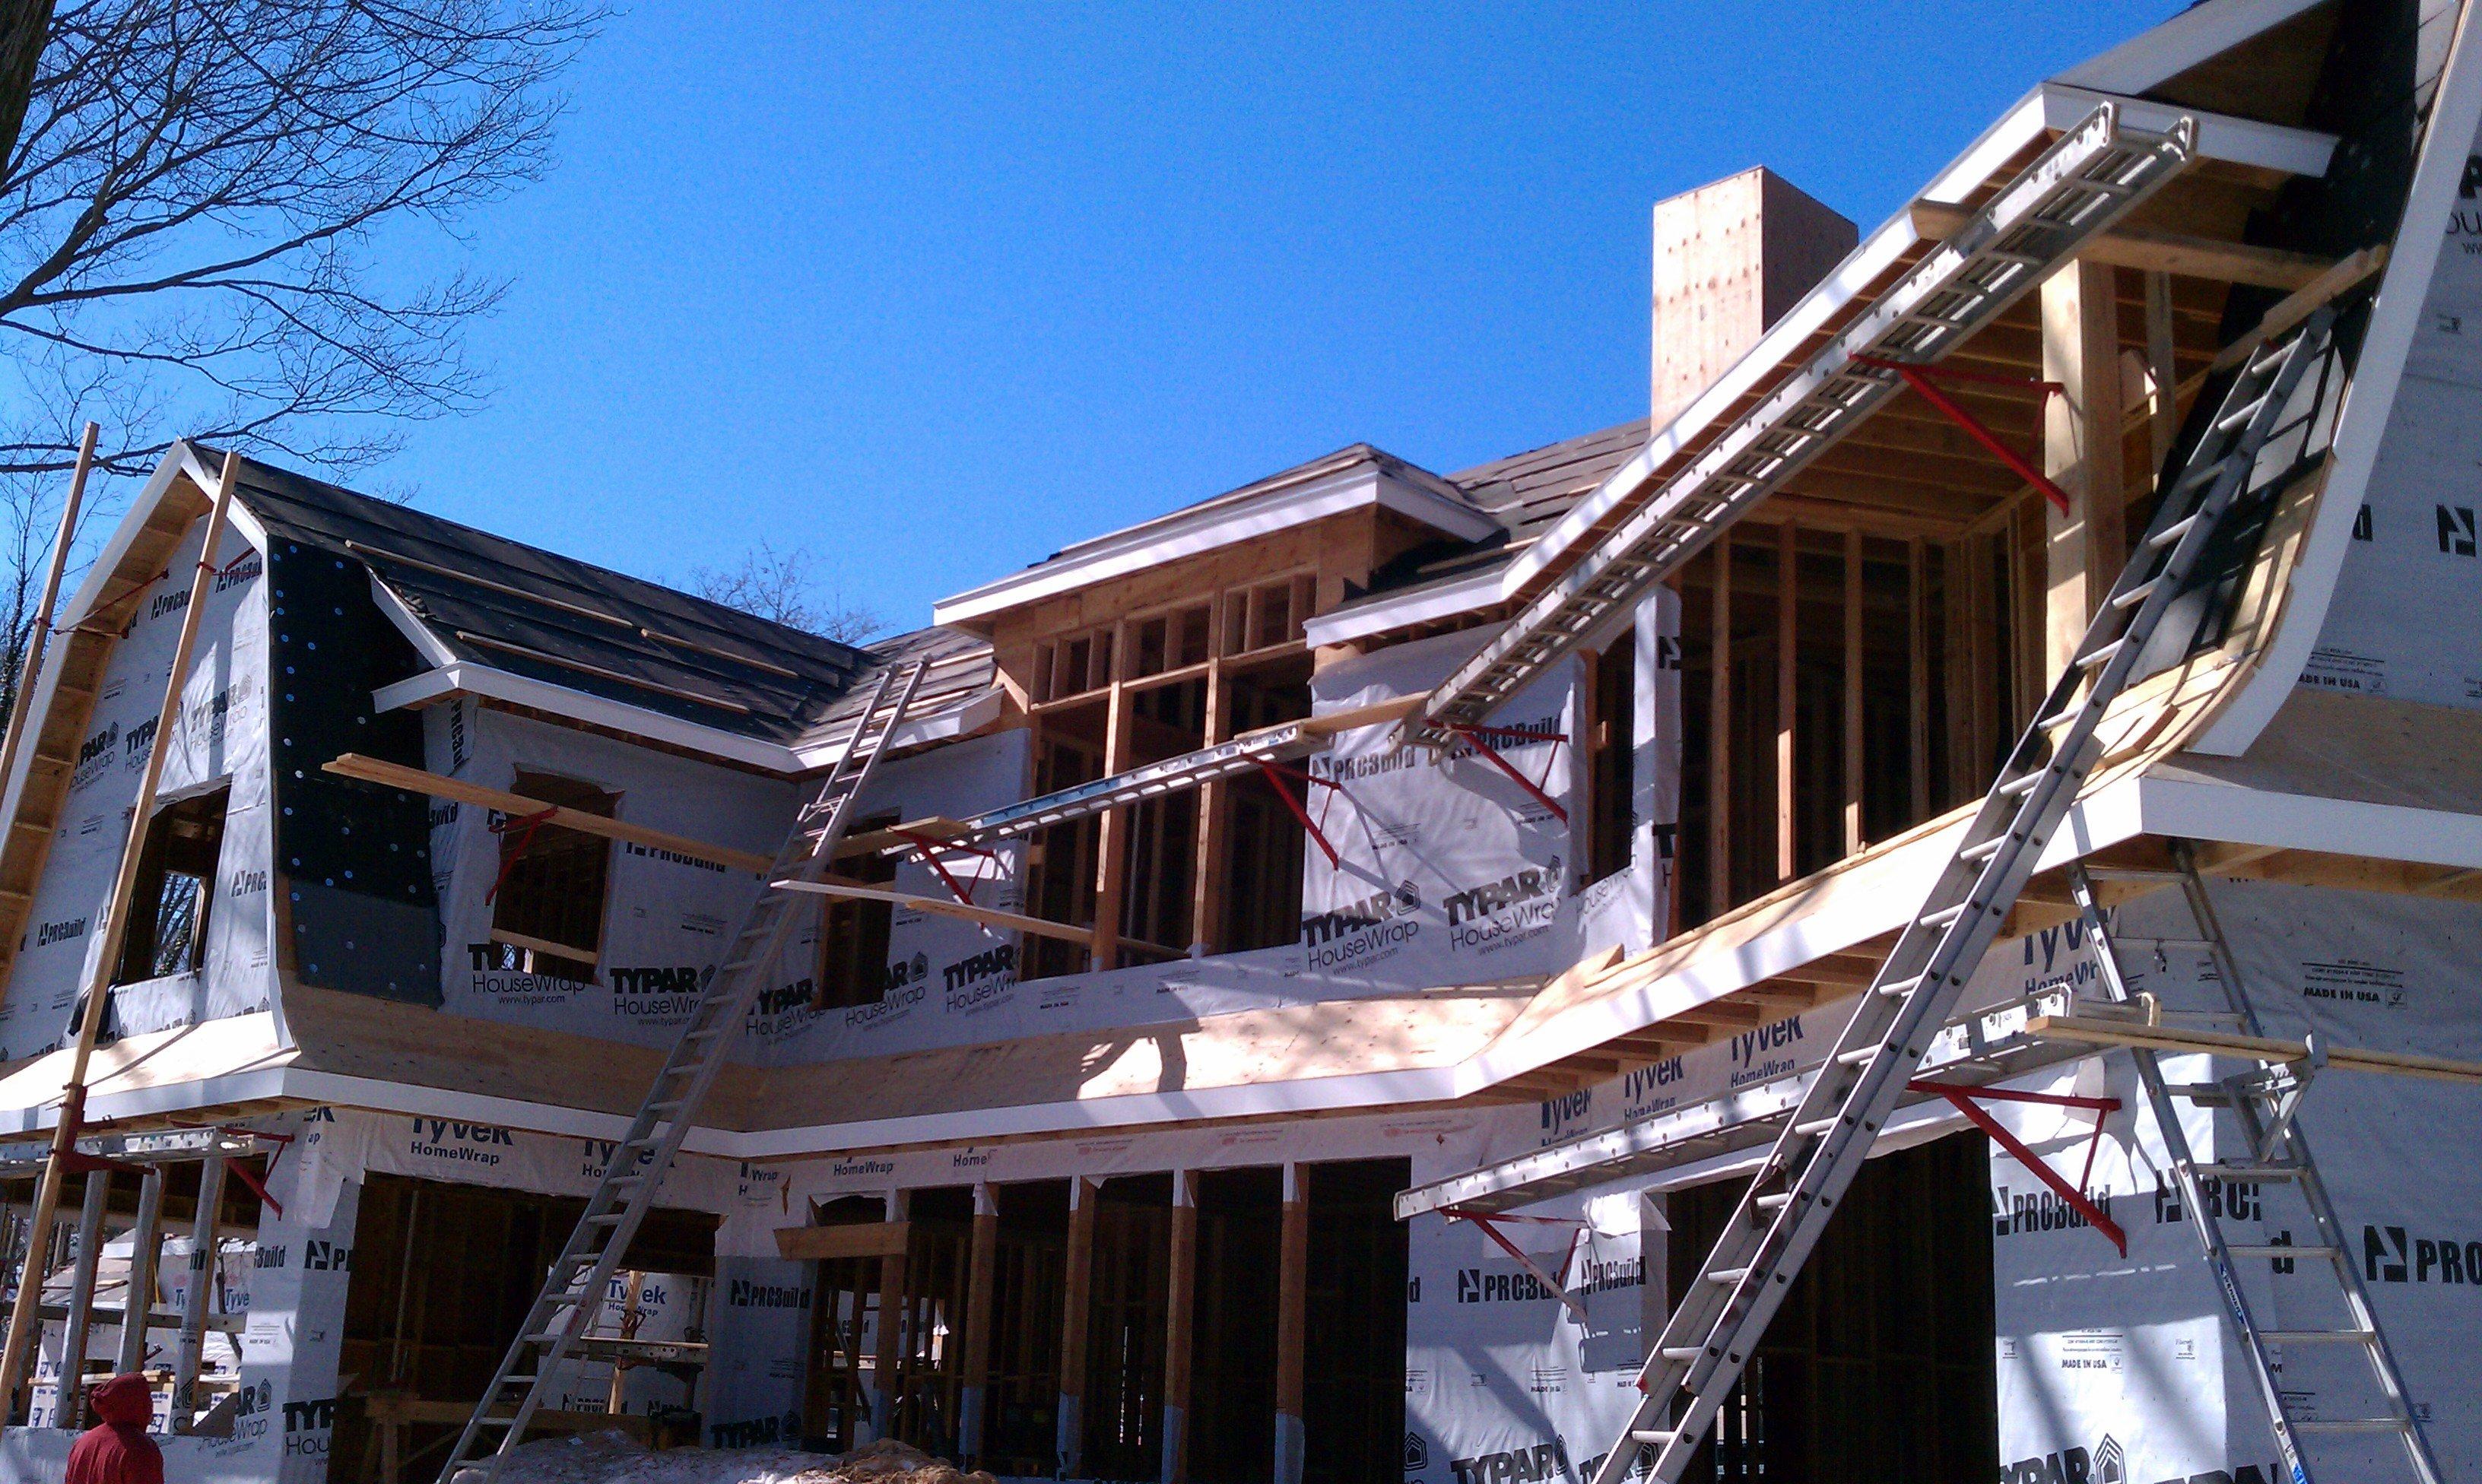 roofing contractors Chappaqua, NY